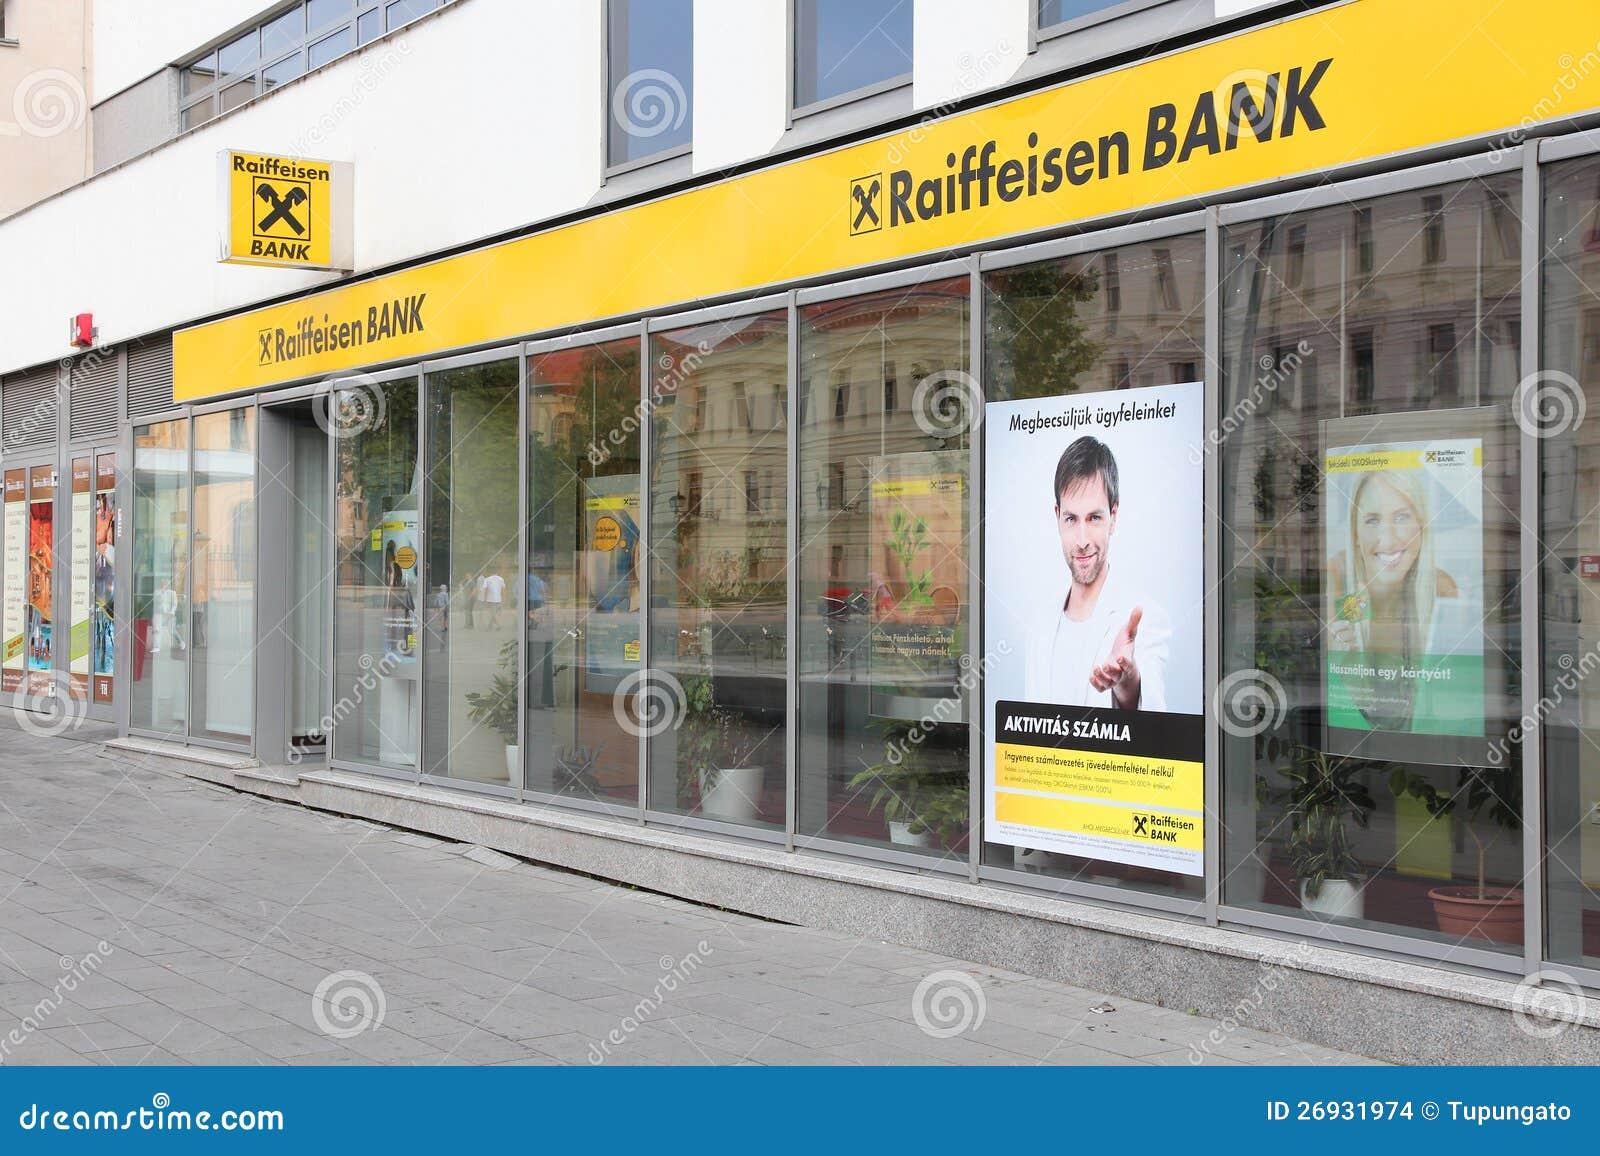 raiffeisen bank hungary online banking